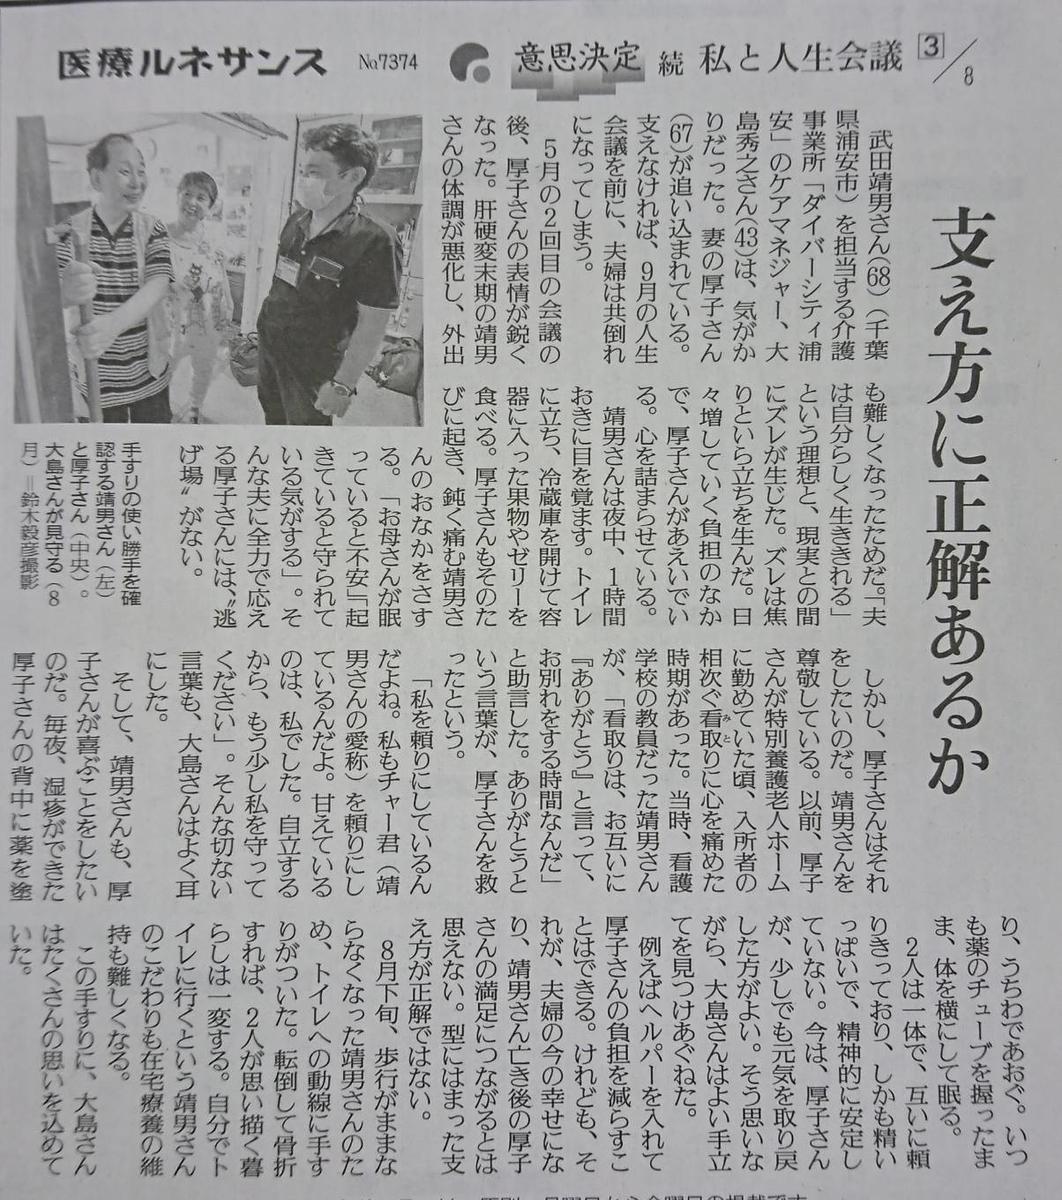 f:id:kazura-kobayashi:20201002092121j:plain